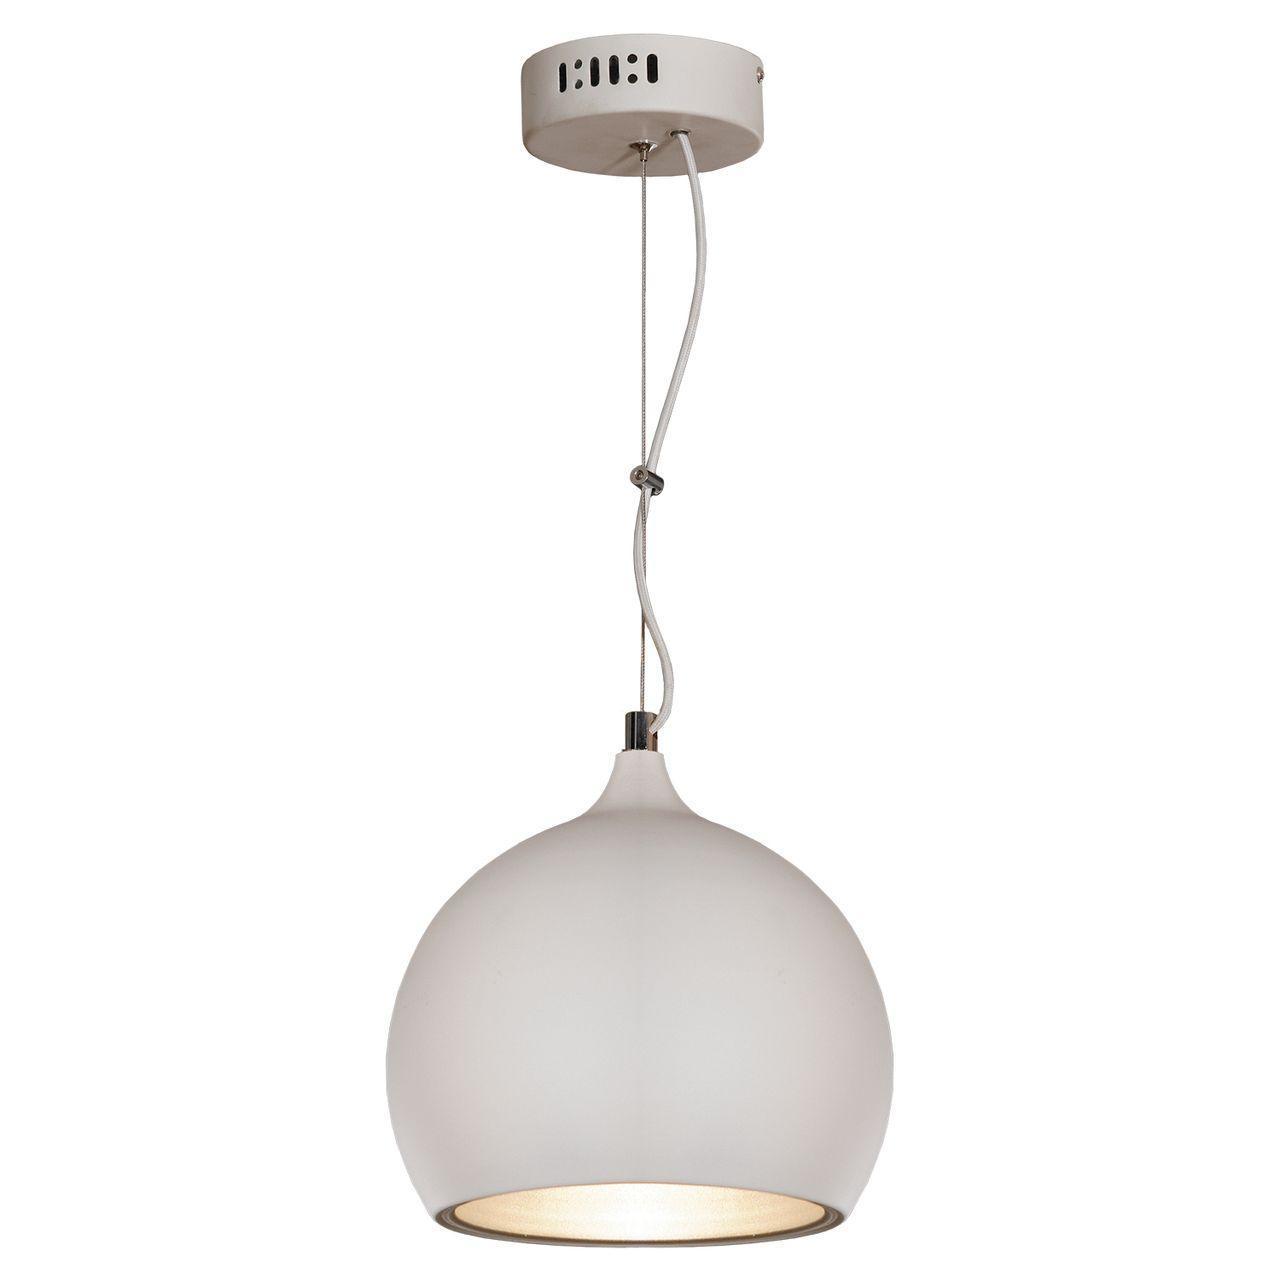 Подвесной светильник Lussole Loft LSN-6126-01 подвесной светильник lussole lsn 6126 01